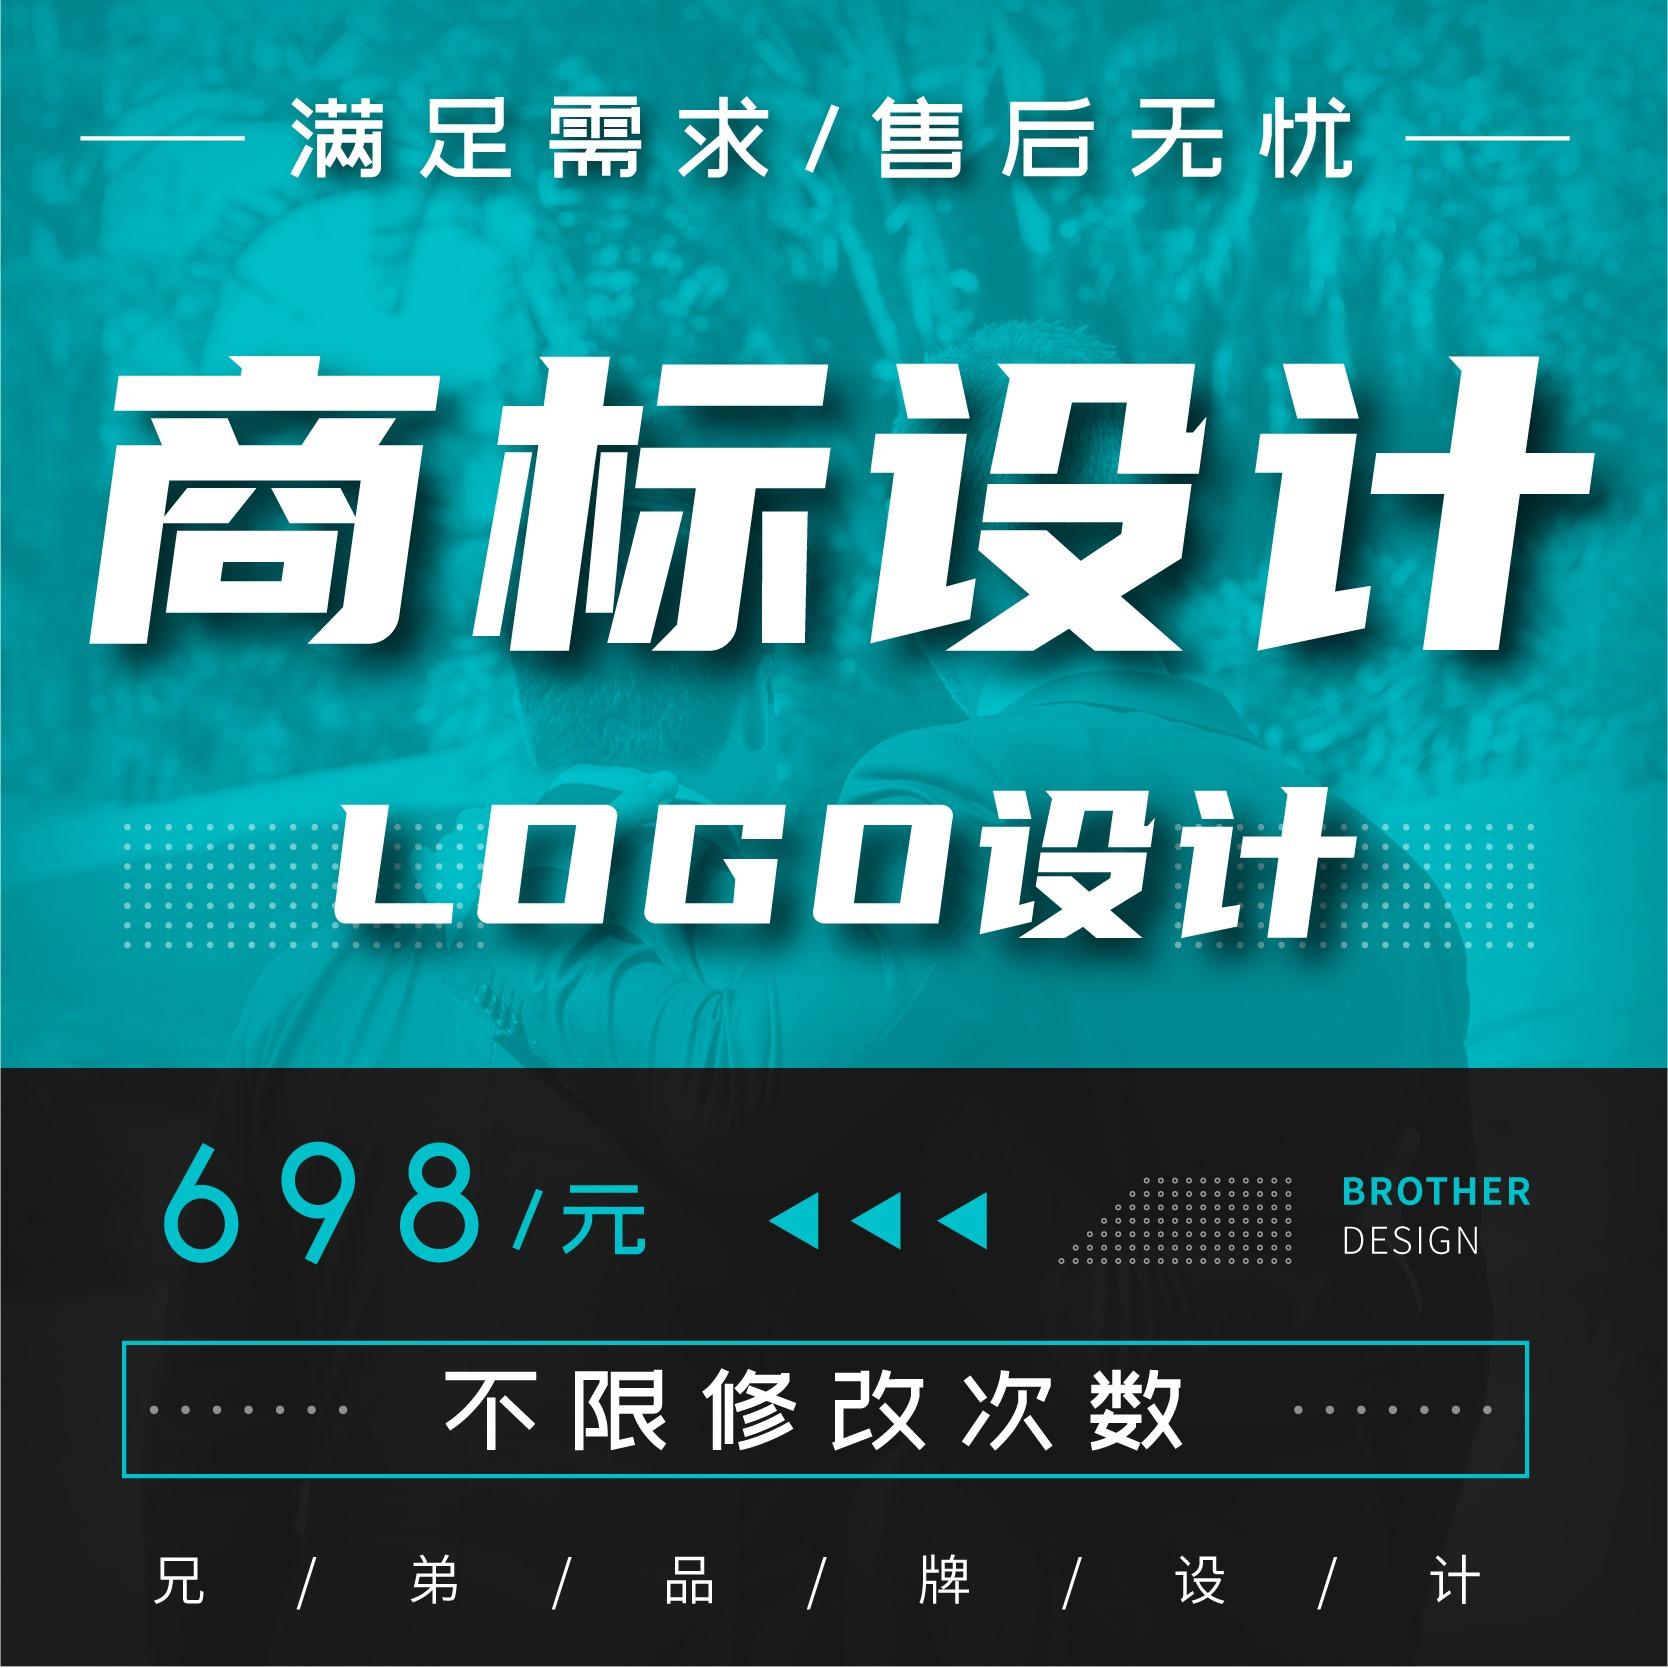 公司logo设计品牌logo餐饮LOGO设计建筑水果logo